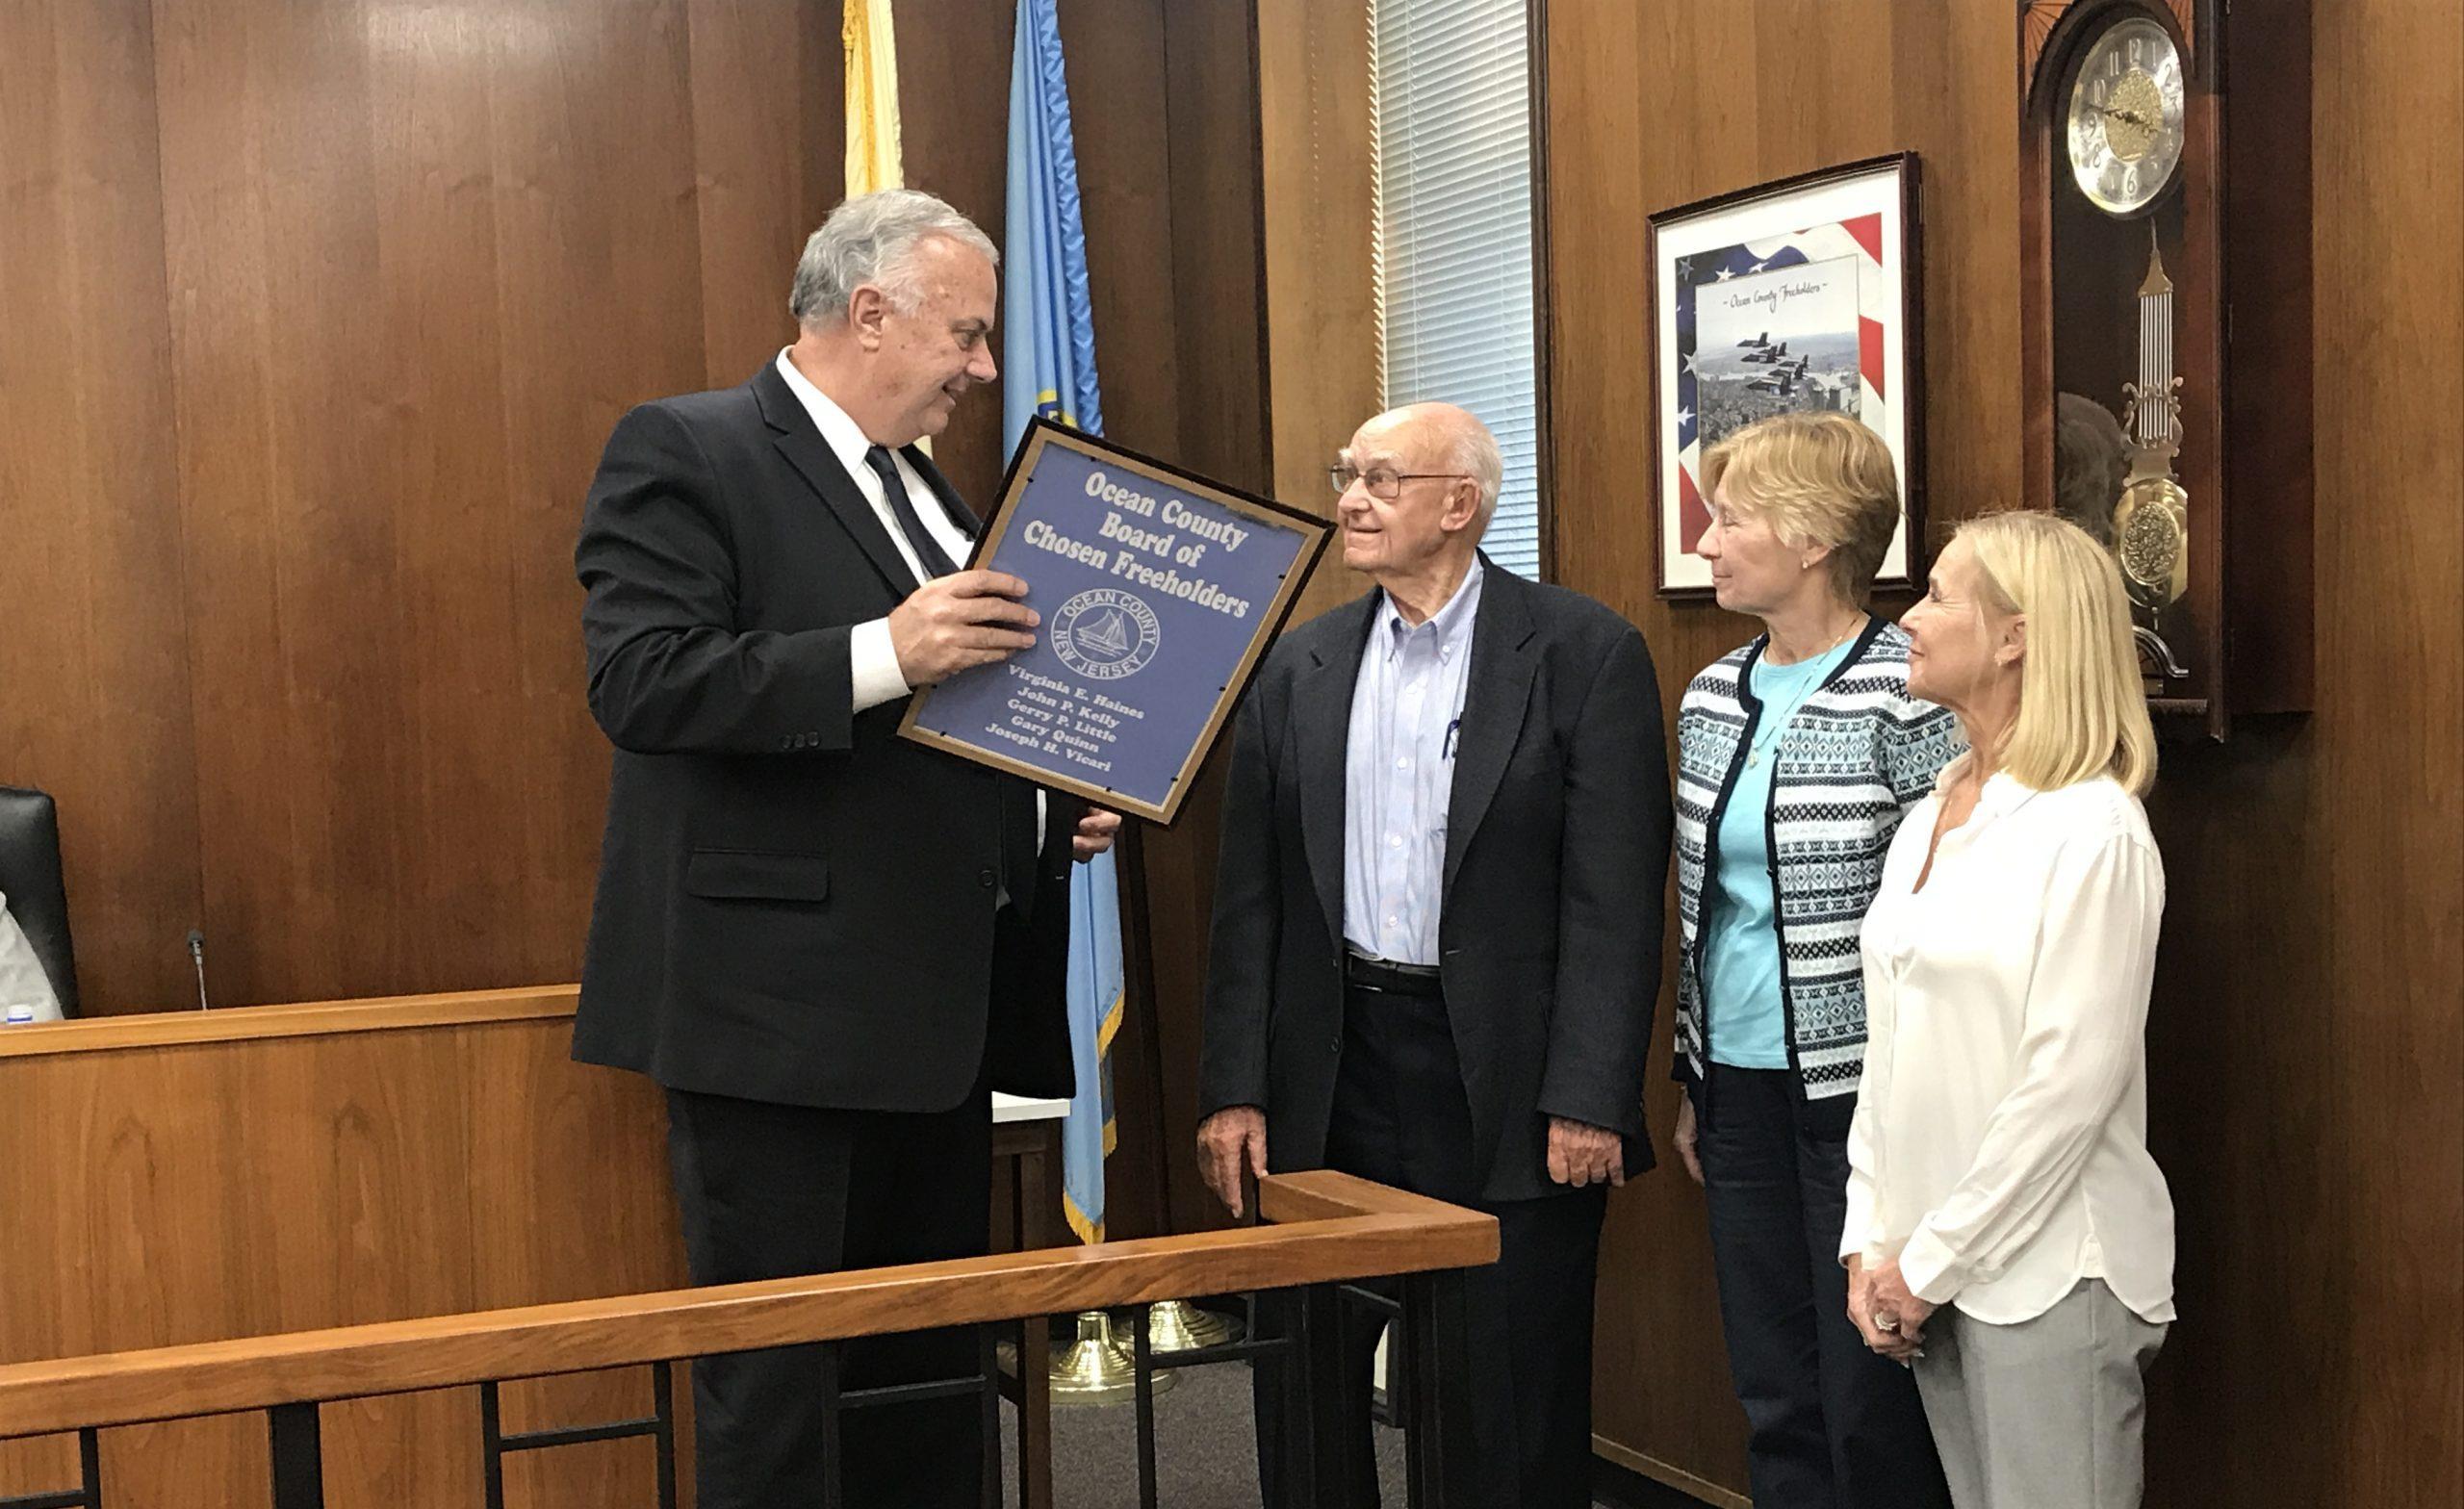 Freeholder Gary Quinn honors retiring OC Planning Board member Donald Bertrand. (Photo: Daniel Nee)